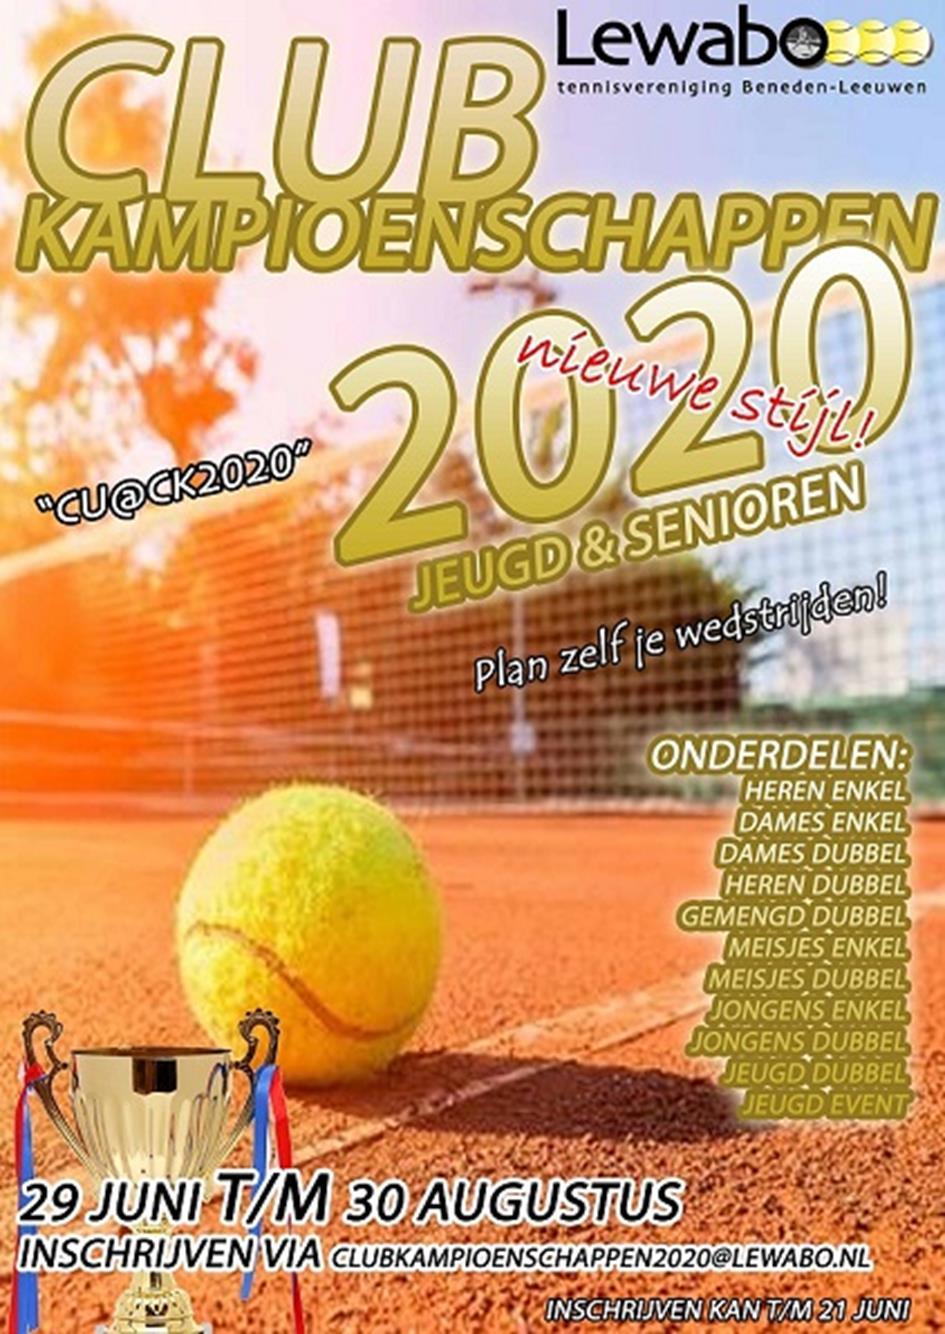 Clubkampioenschappen 2020 - Web.jpg